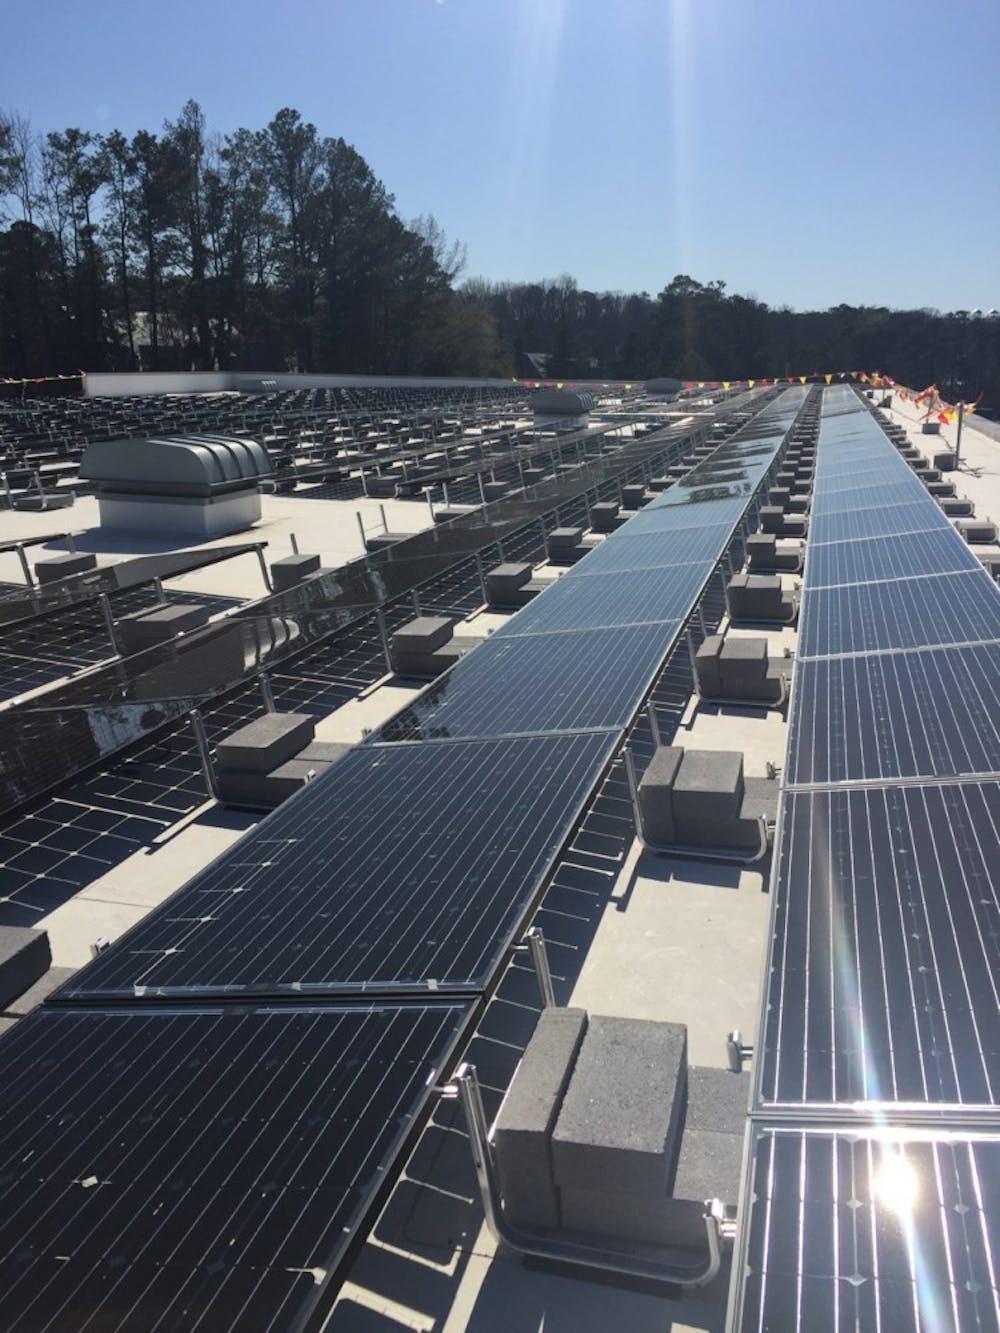 Weinstein Center Solar Panel Installation The Collegian